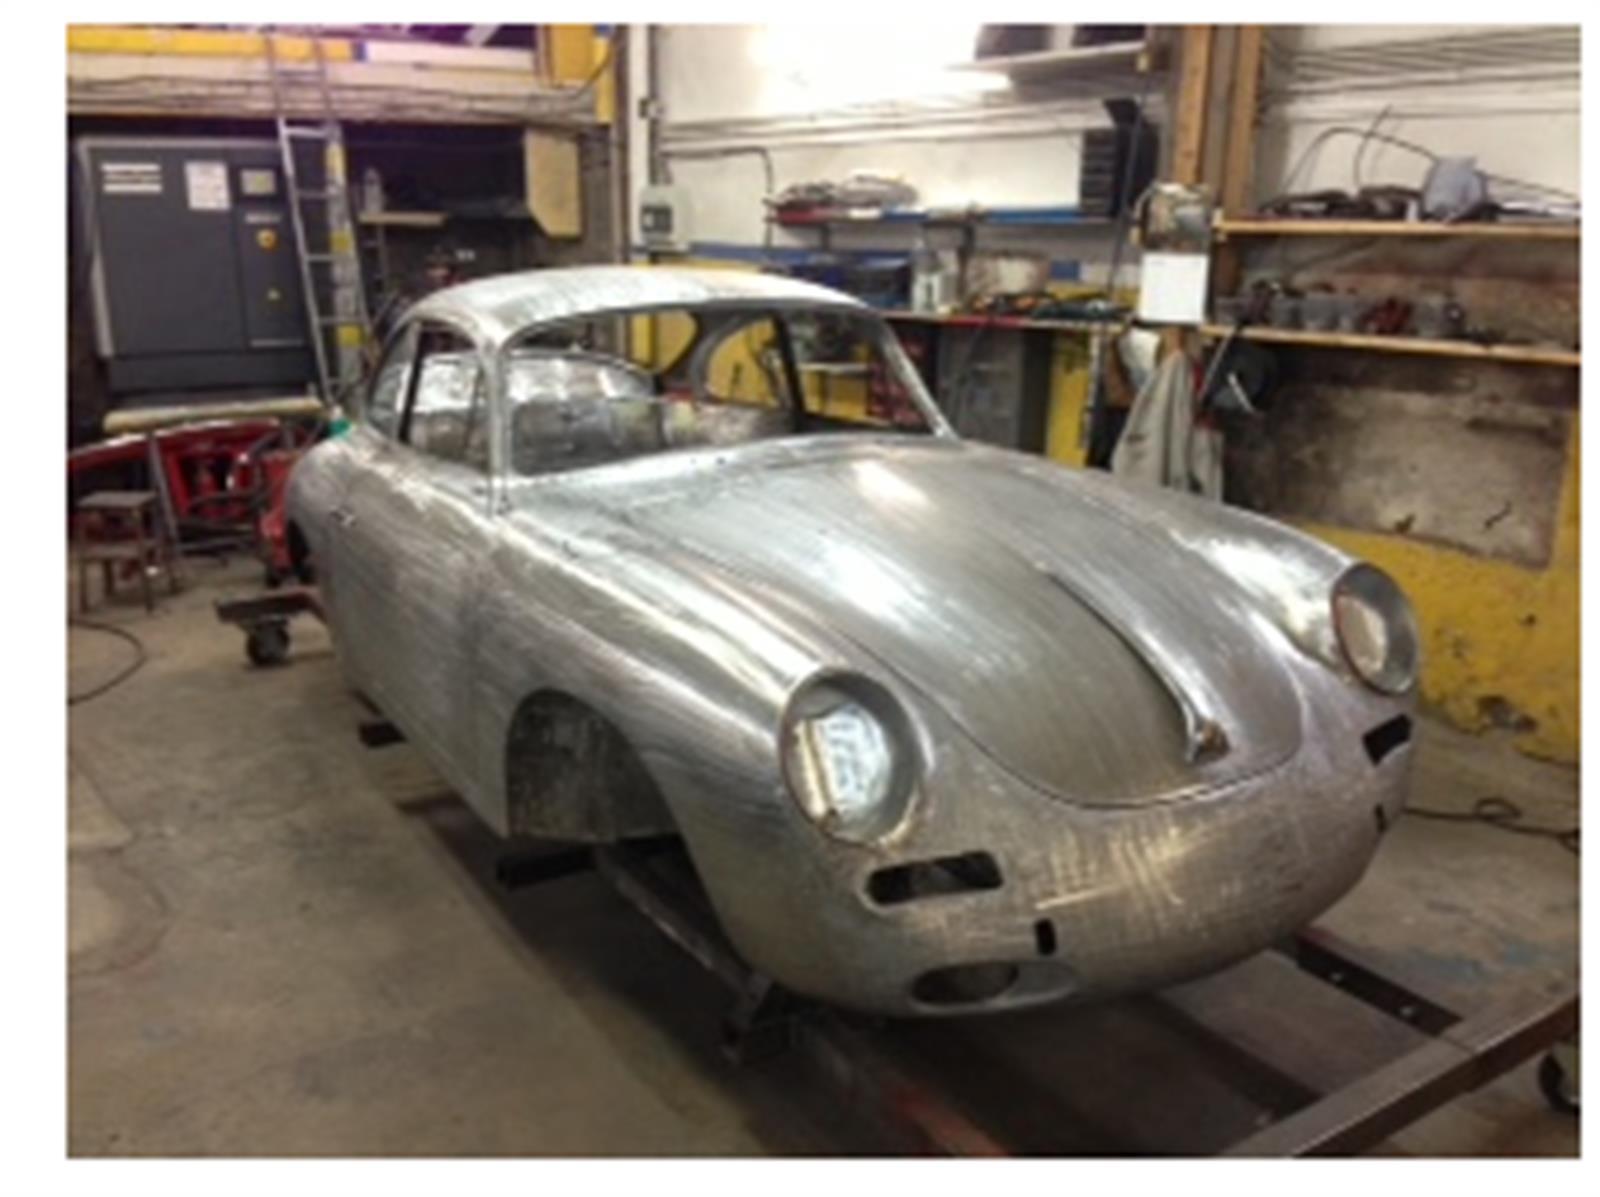 Garage marchione nicola restauration voiture anc tre entretien editus - Garage restauration voiture ...